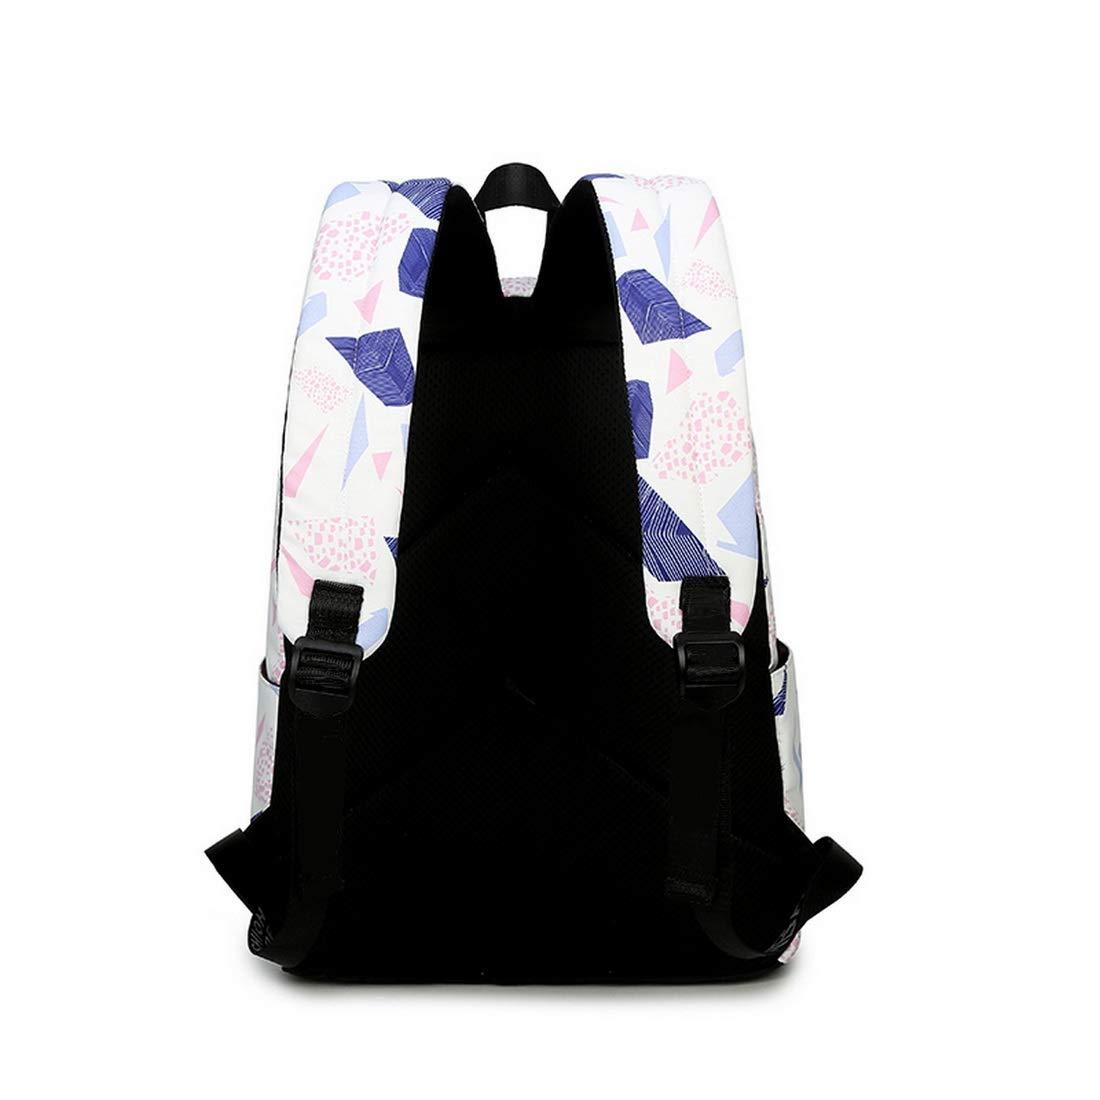 Acmebon Leichter Modischer Schulrucksack Süßer Druck Schulbuch Tasche für für für Mädchen und Jungen Beige 626 B073XWYGK2 | Online einkaufen  | Exquisite Handwerkskunst  | Starke Hitze- und Abnutzungsbeständigkeit  1abfd3